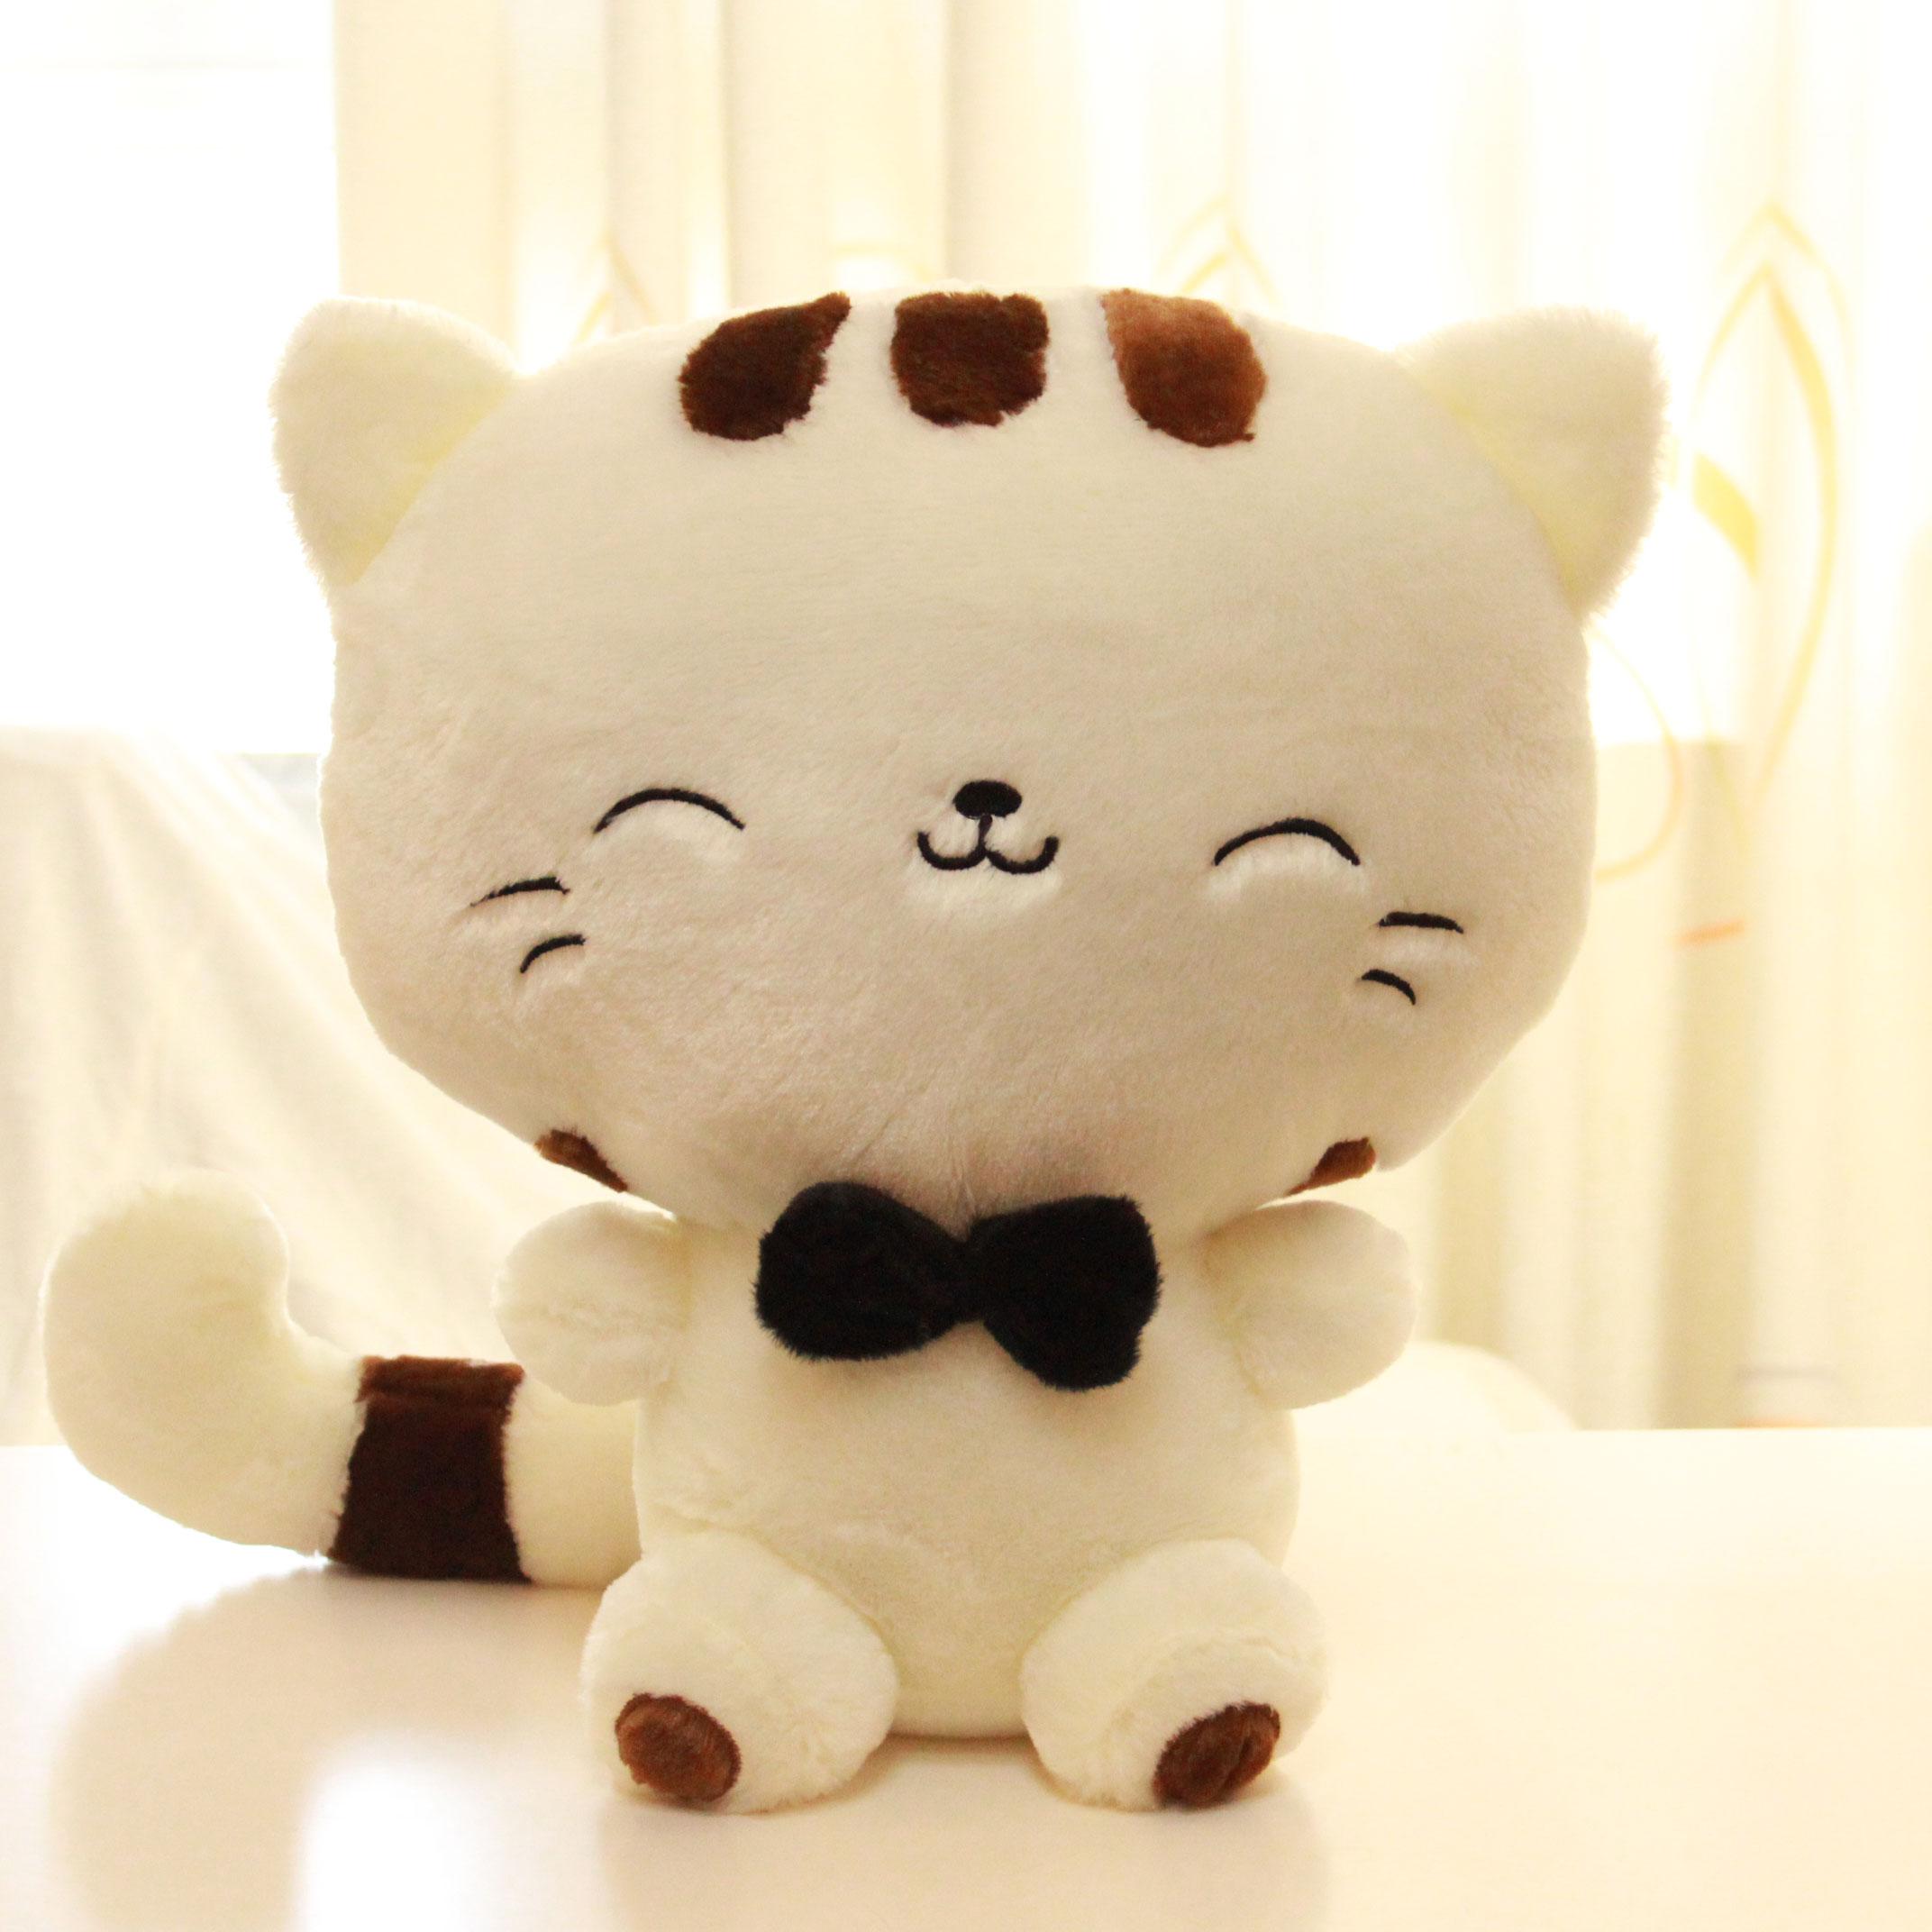 包邮可爱毛绒玩具猫咪公仔大尾巴大脸猫 抱枕布娃娃送女友礼品